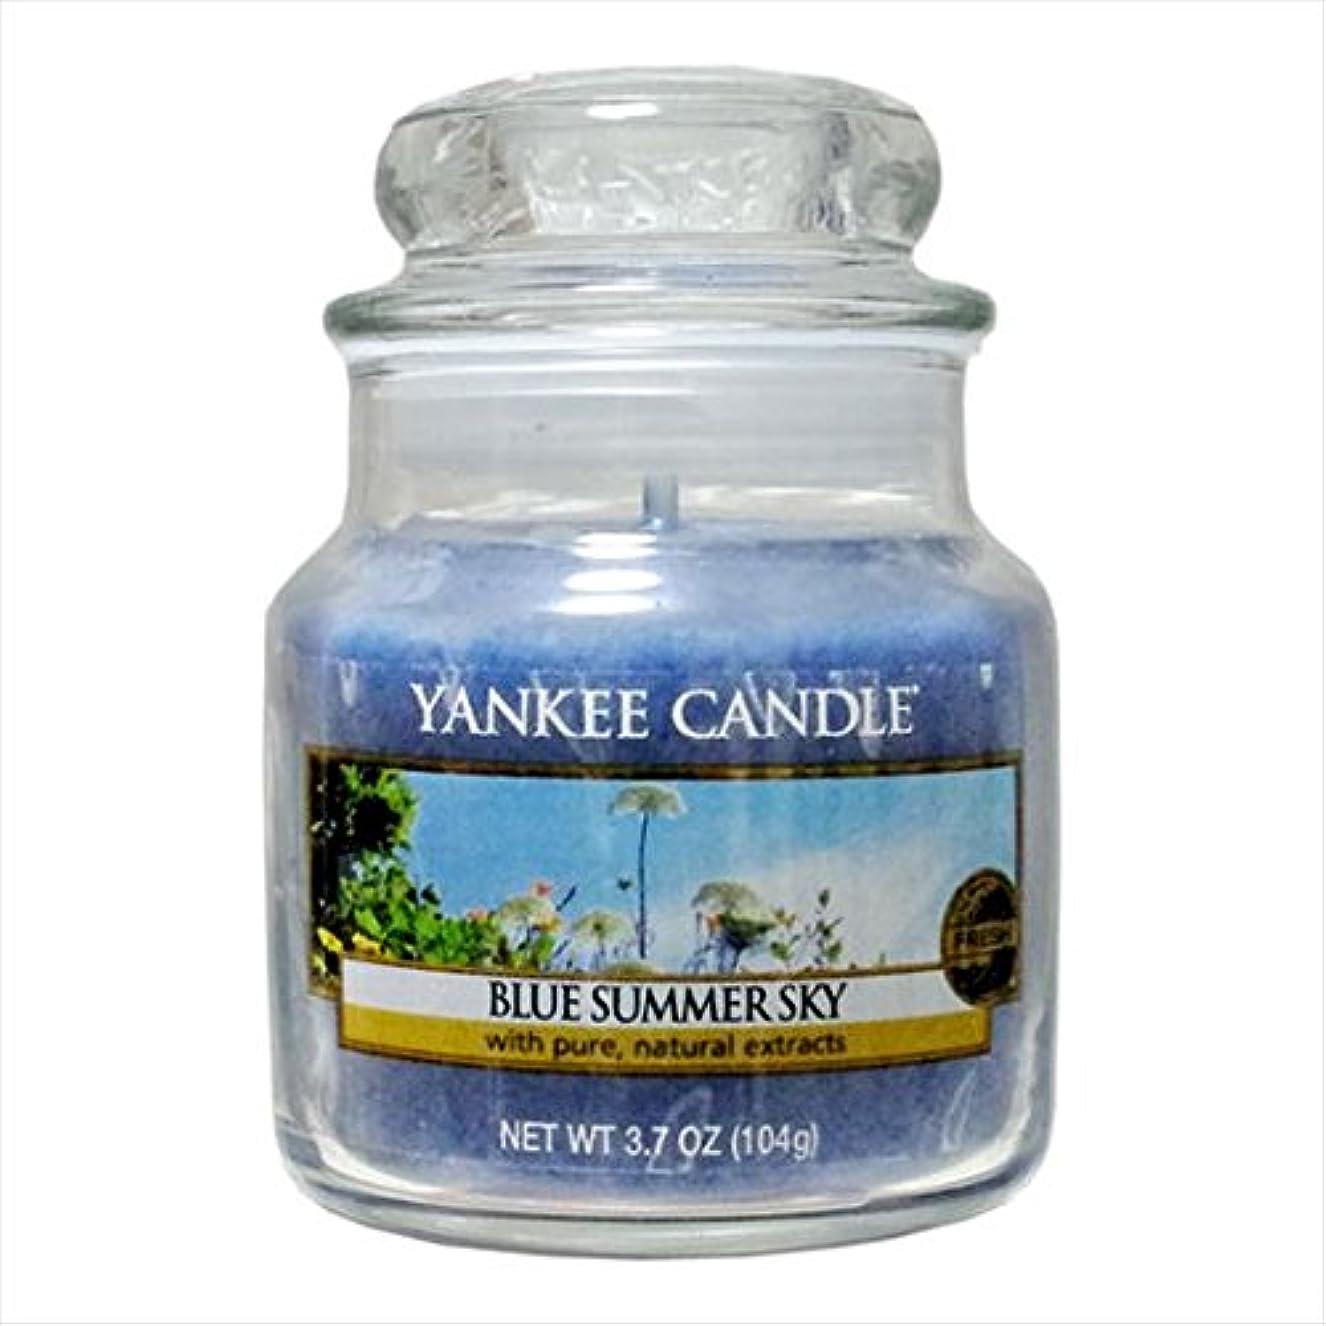 費やすノートモバイルヤンキーキャンドル(YANKEE CANDLE) YANKEE CANDLEジャーS 「 ブルーサマースカイ 」